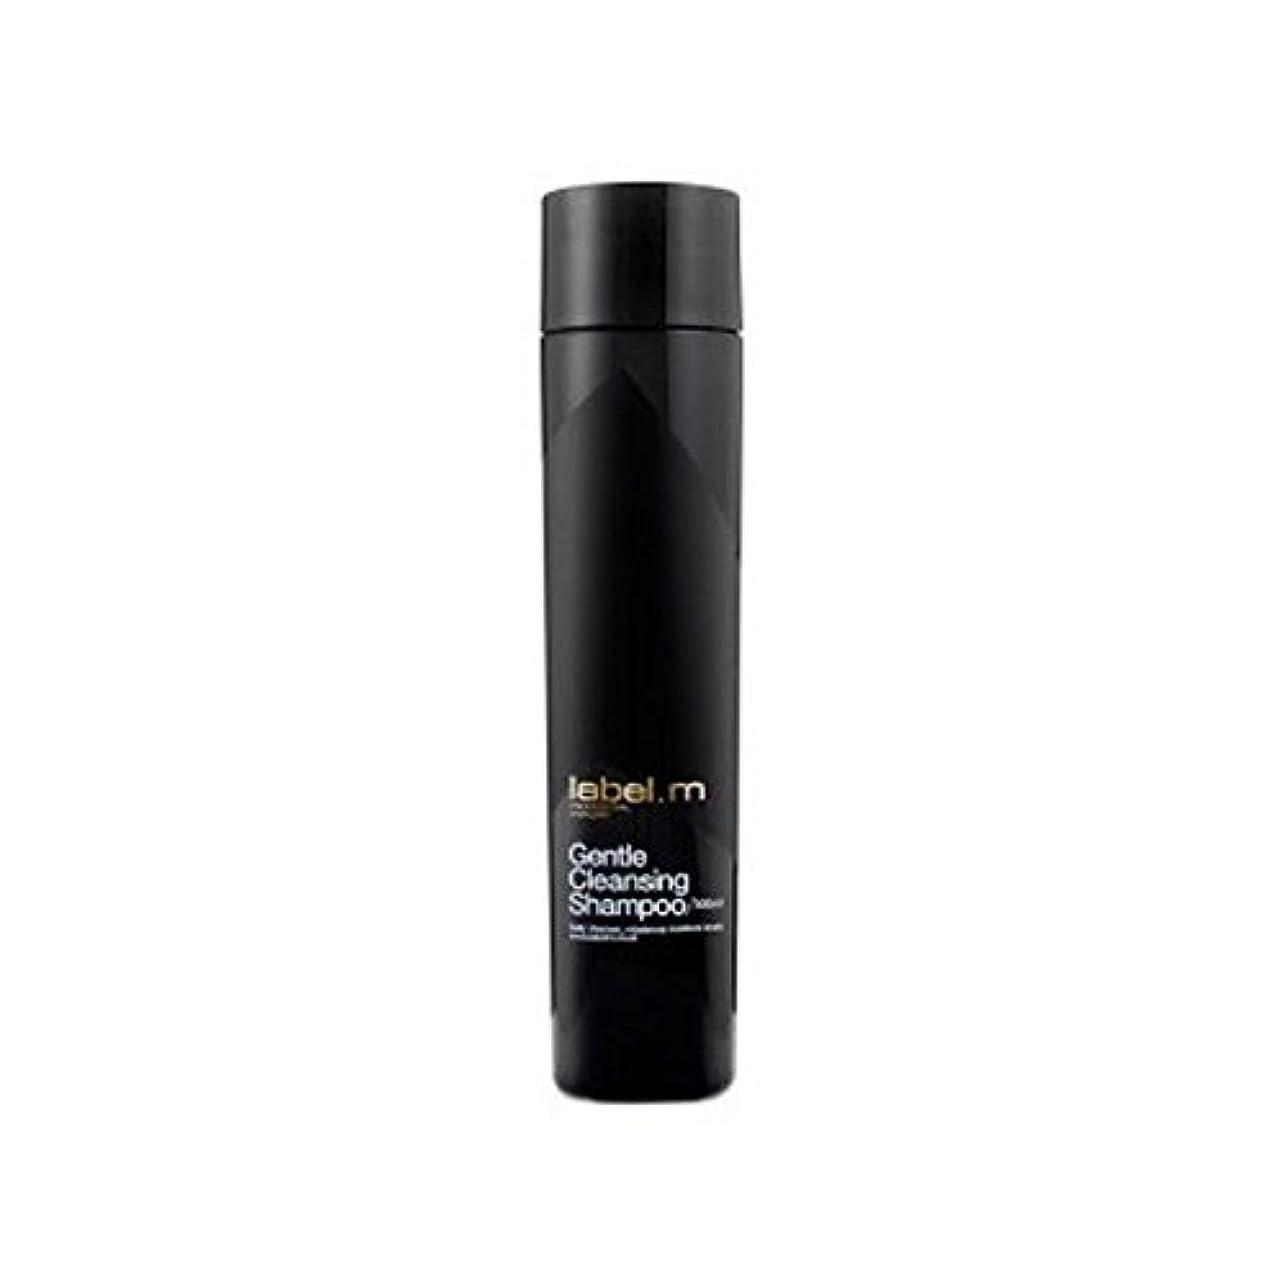 畝間高架厳しい.優しいクレンジングシャンプー(300ミリリットル) x2 - Label.M Gentle Cleansing Shampoo (300ml) (Pack of 2) [並行輸入品]